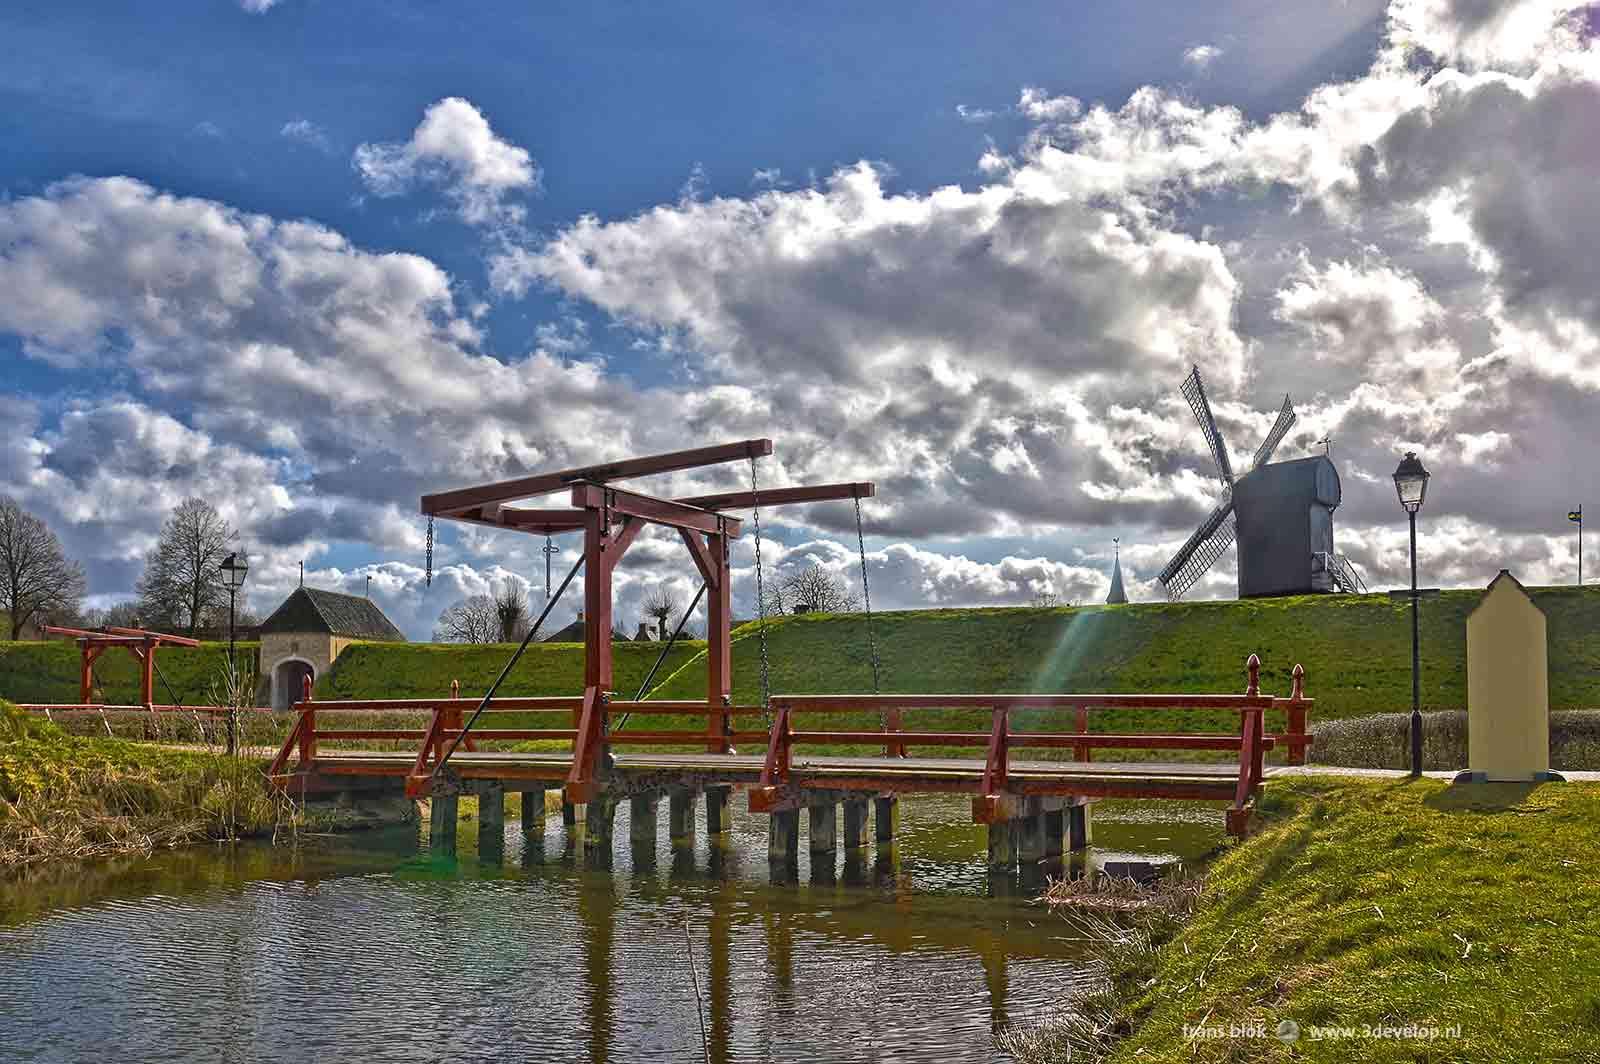 Foto van de herbouwde vesting Bourtange, met een ophaalbrug, een toegangspoort en de molen